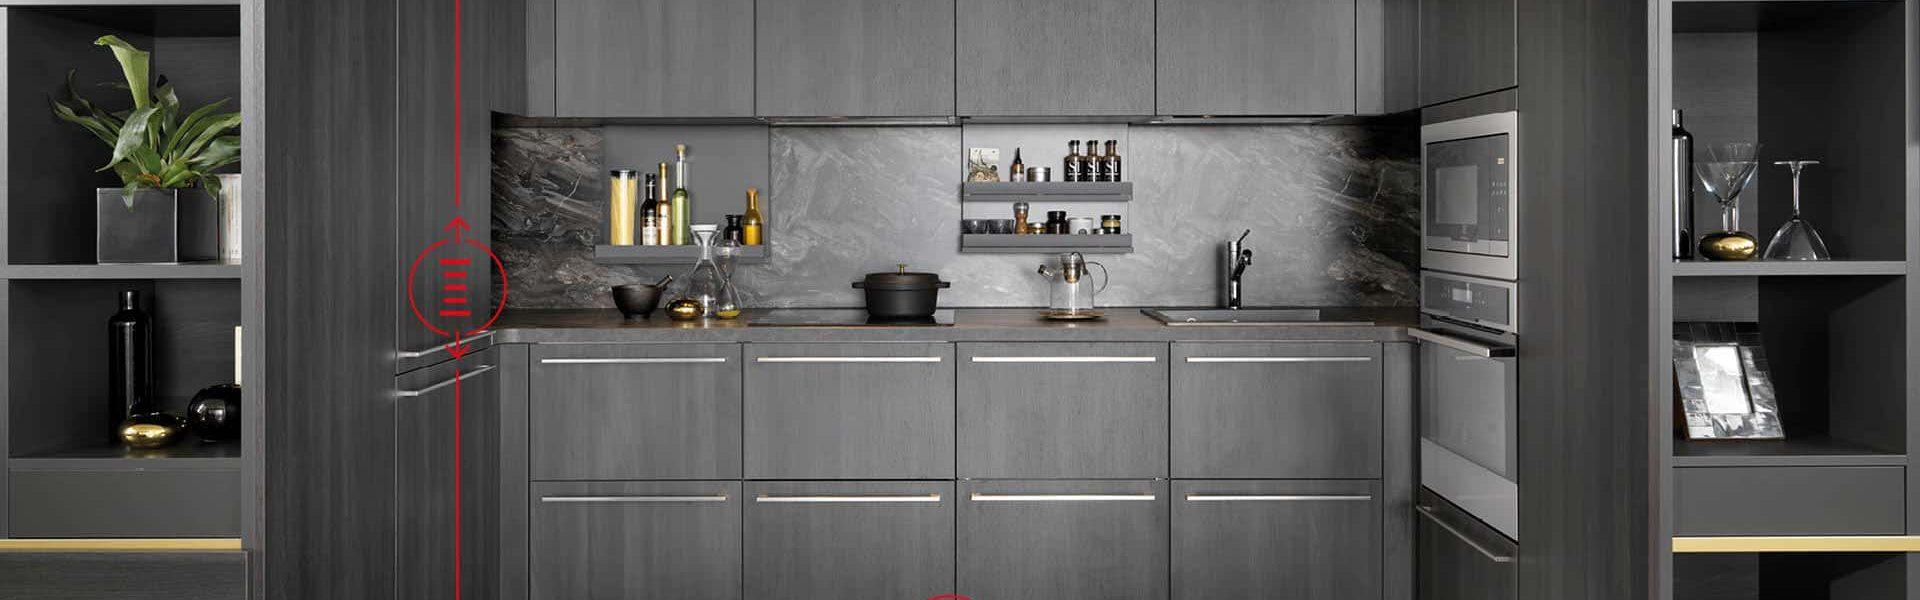 Et køkken tilpasset efter dine mål